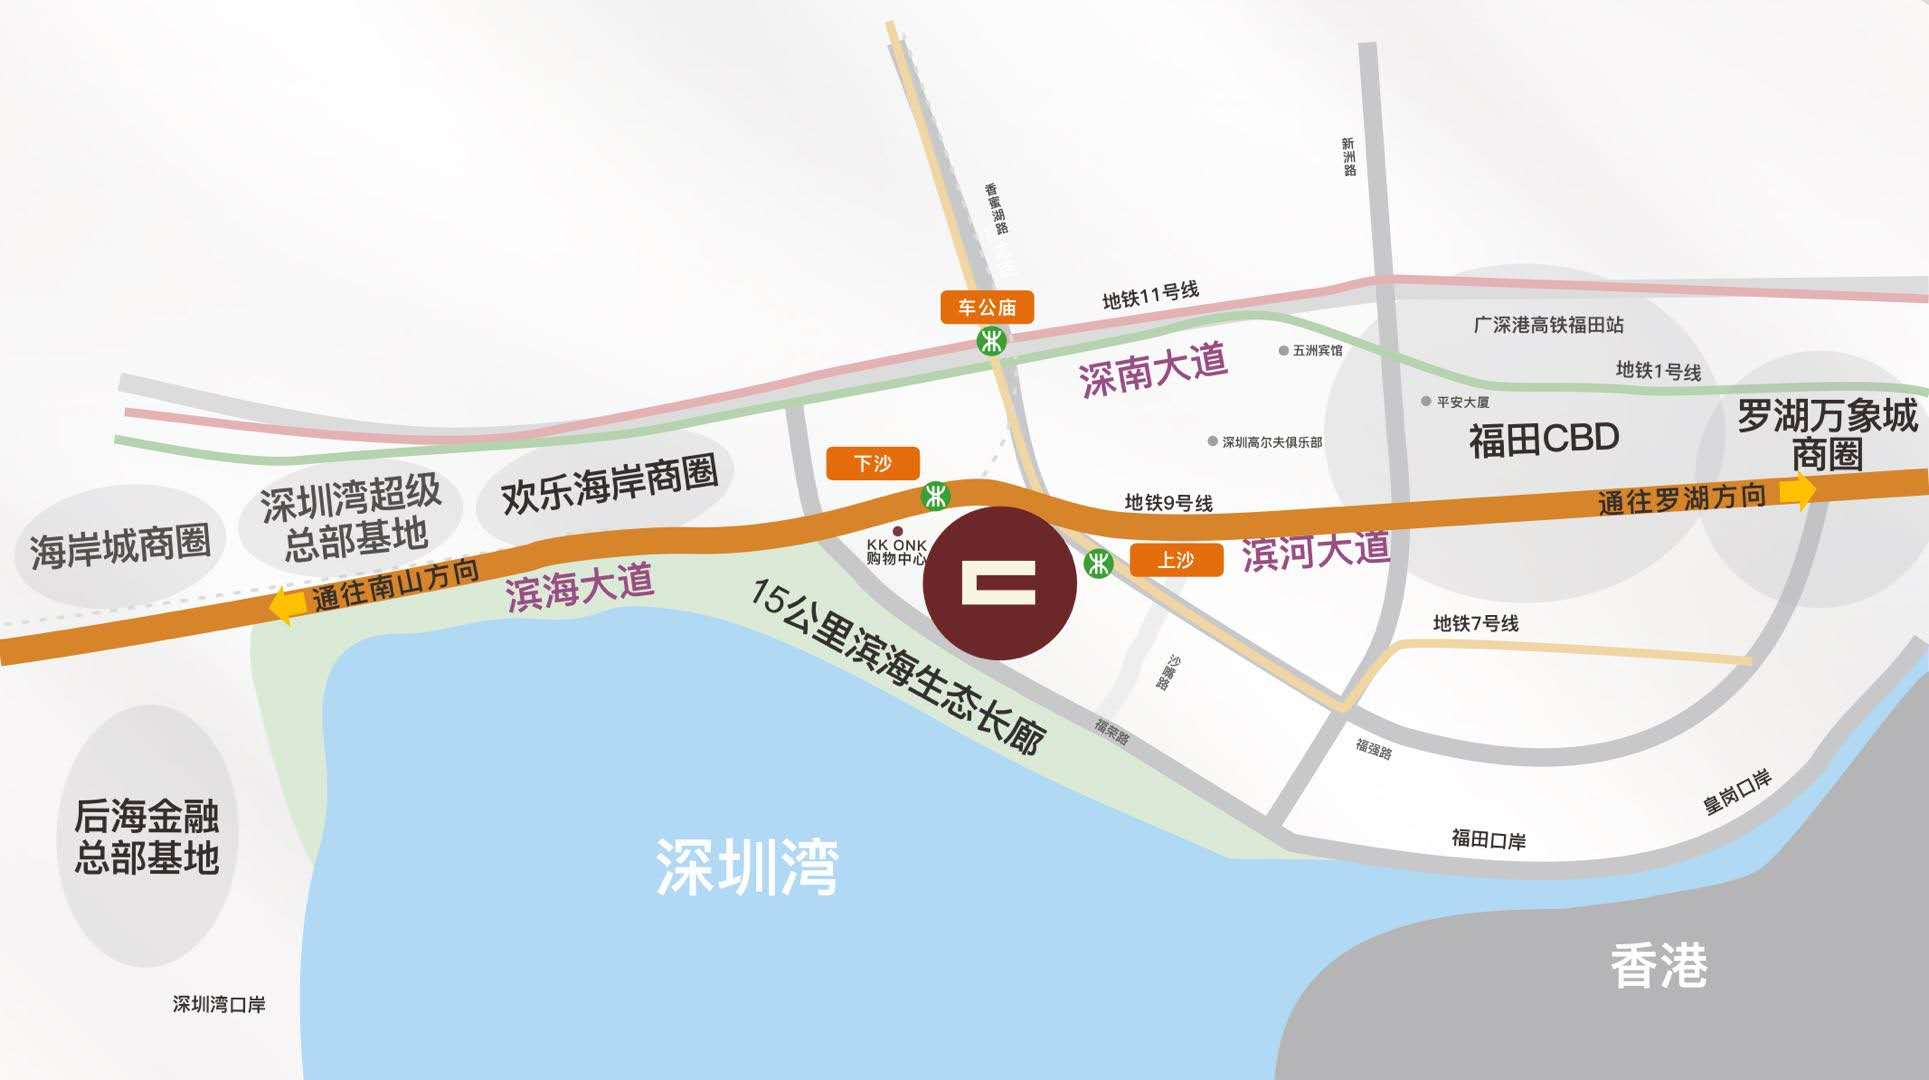 中洲湾(中洲滨海商业中心)